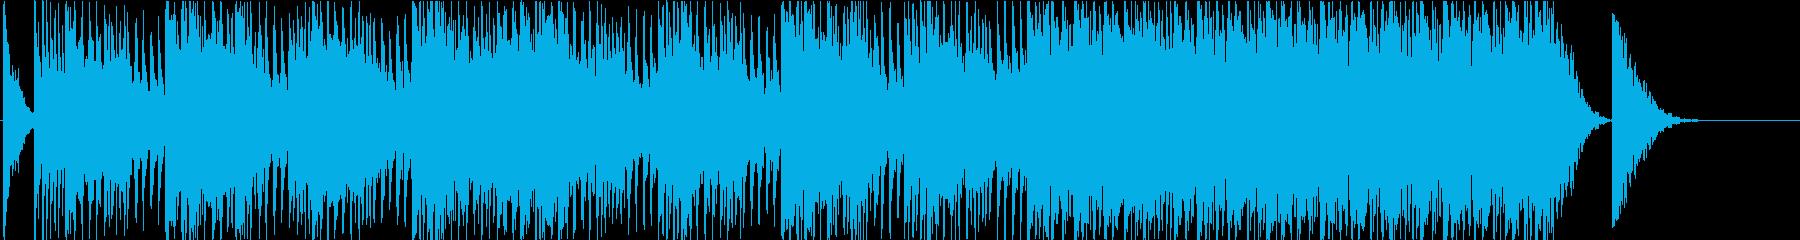 和太鼓のアップテンポな乱れ打ち 締太鼓の再生済みの波形